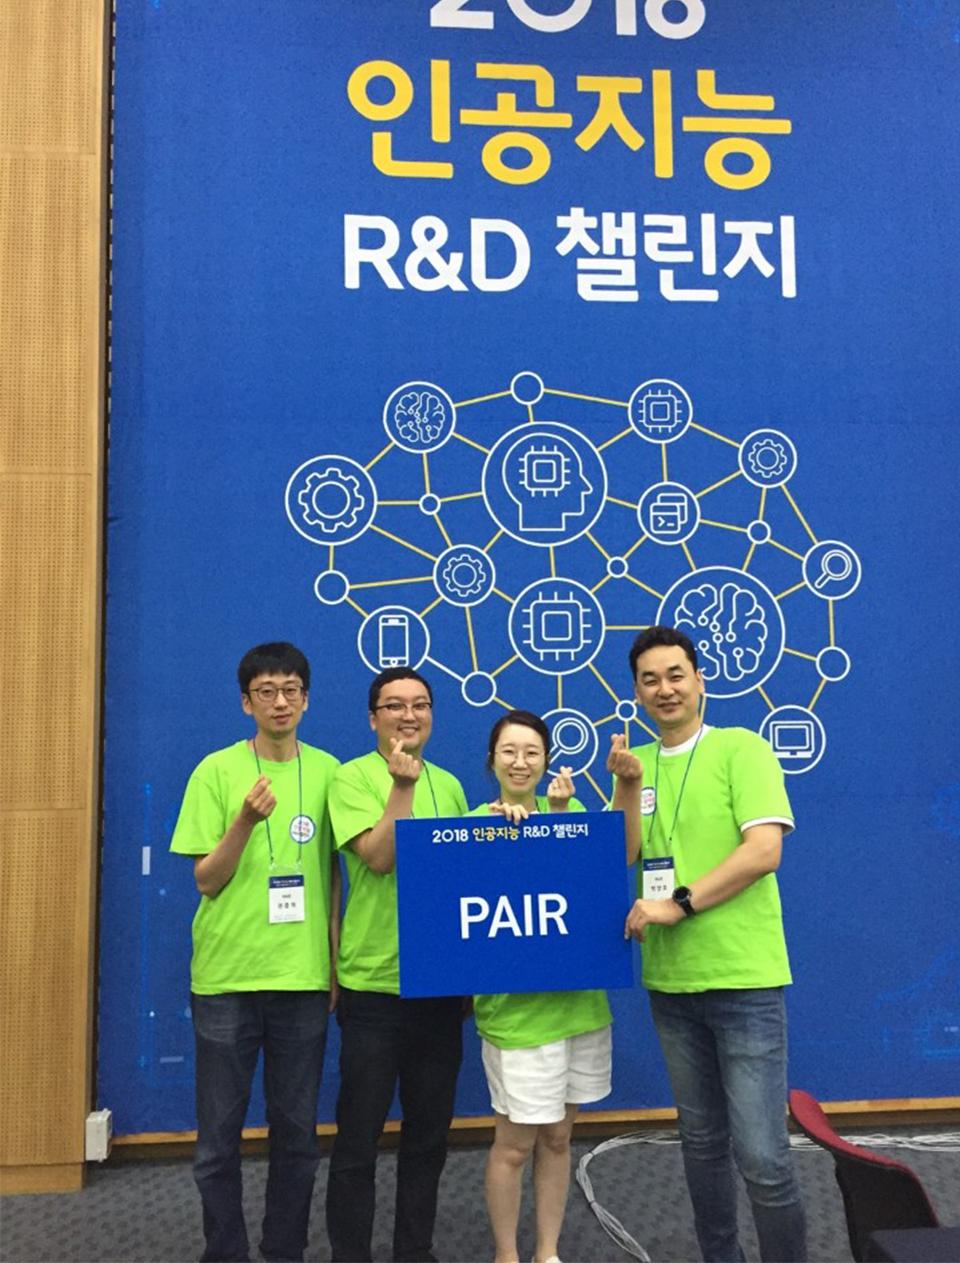 2018 인공지능 R&D챌린지에 참석한 PAIR. 왼쪽부터 권종혁차장, 김병균과장, 김희영과장, 박양호부장